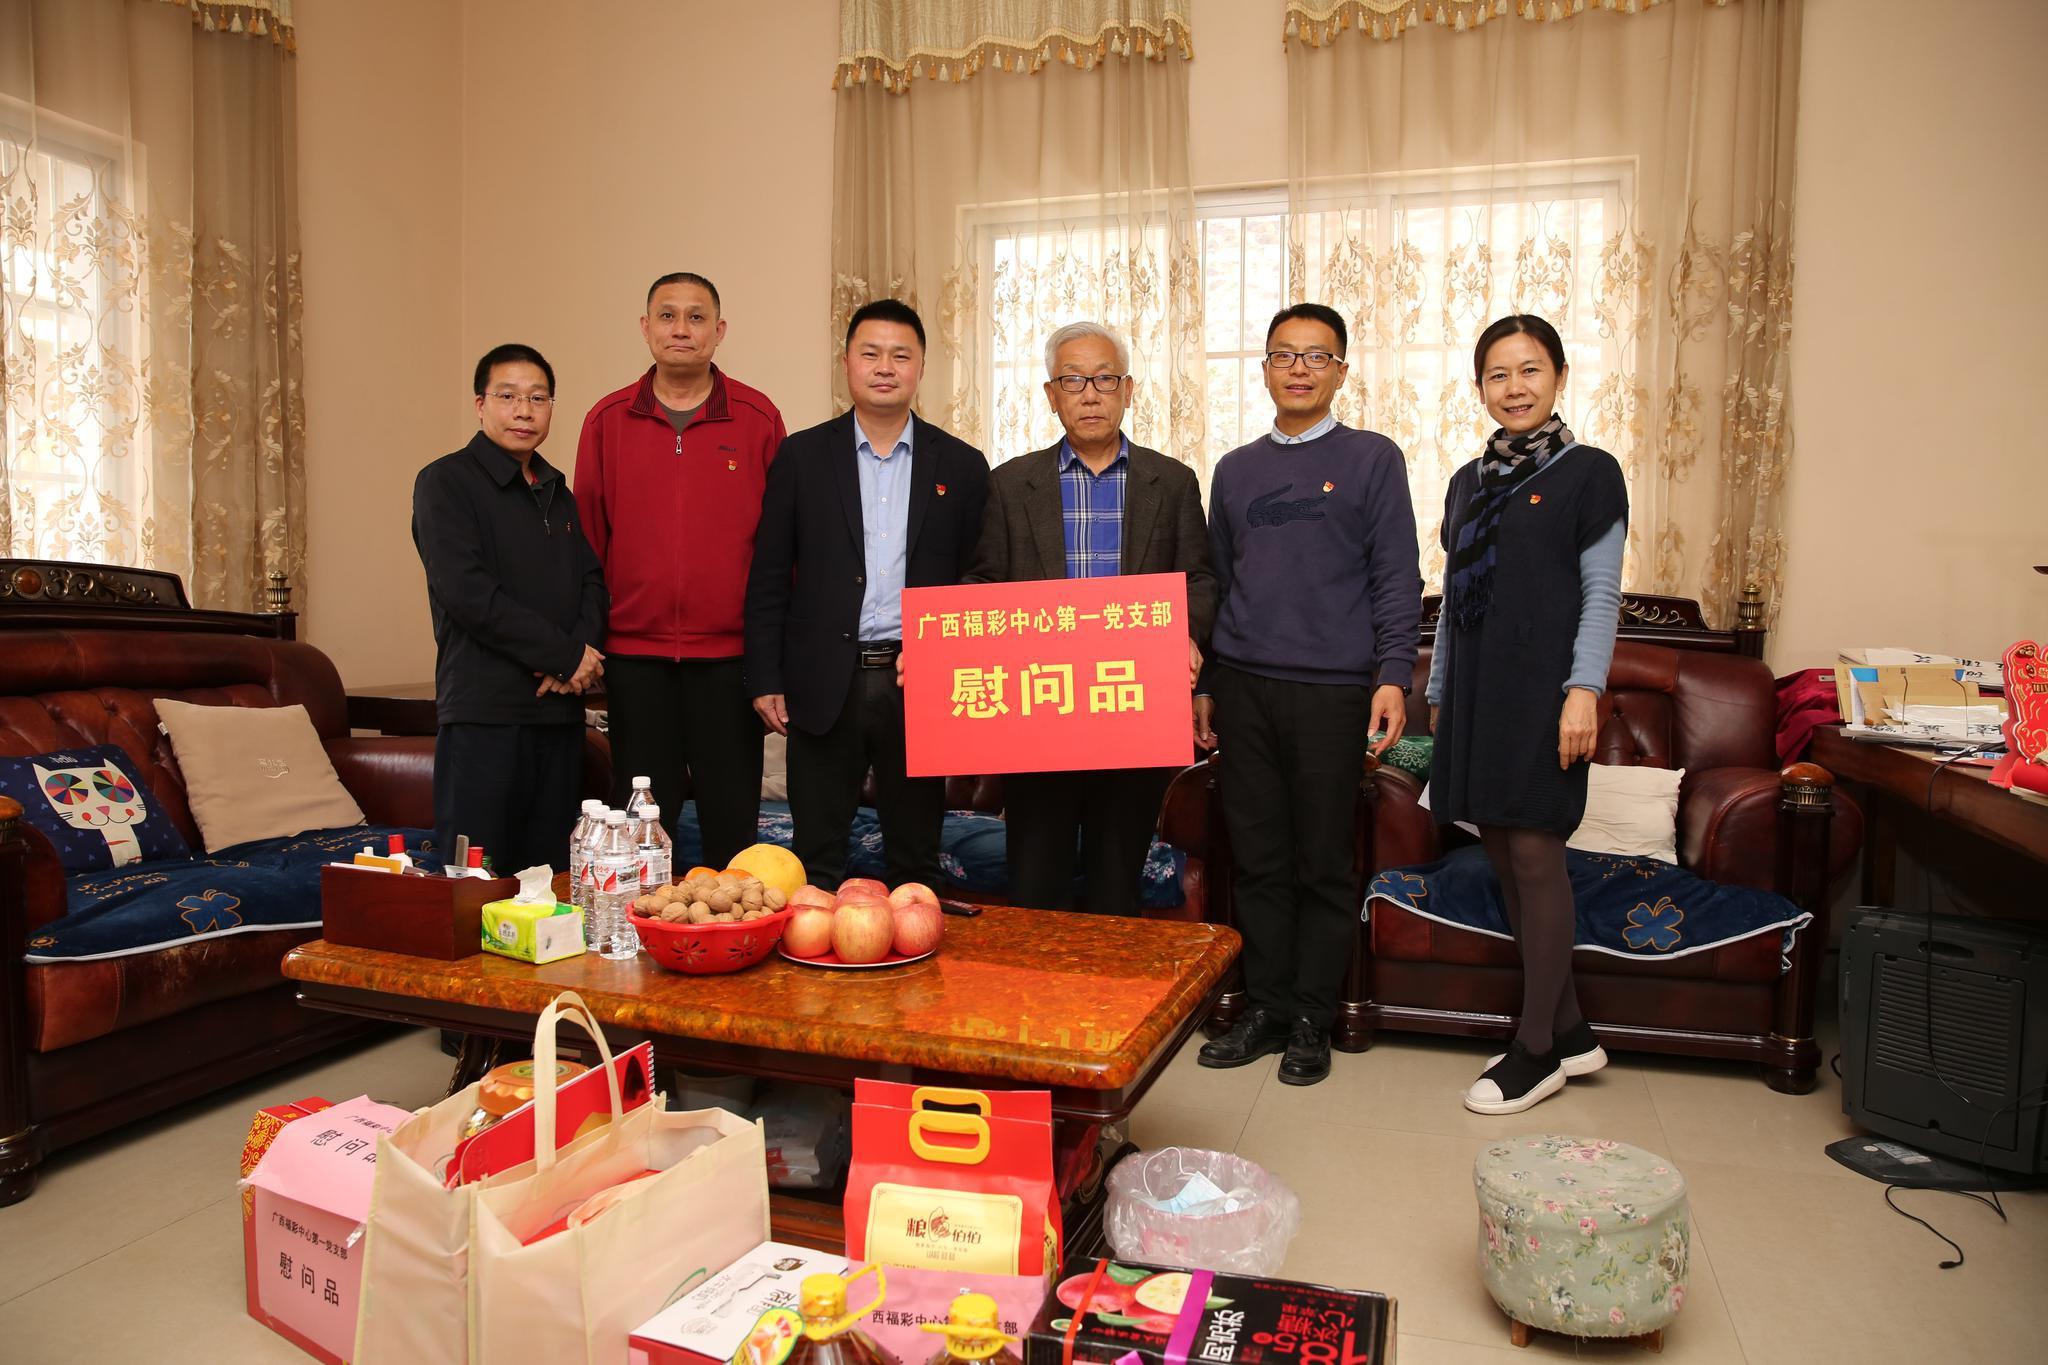 廣西福彩中心黨總支部黨員代表走訪慰問退休黨員